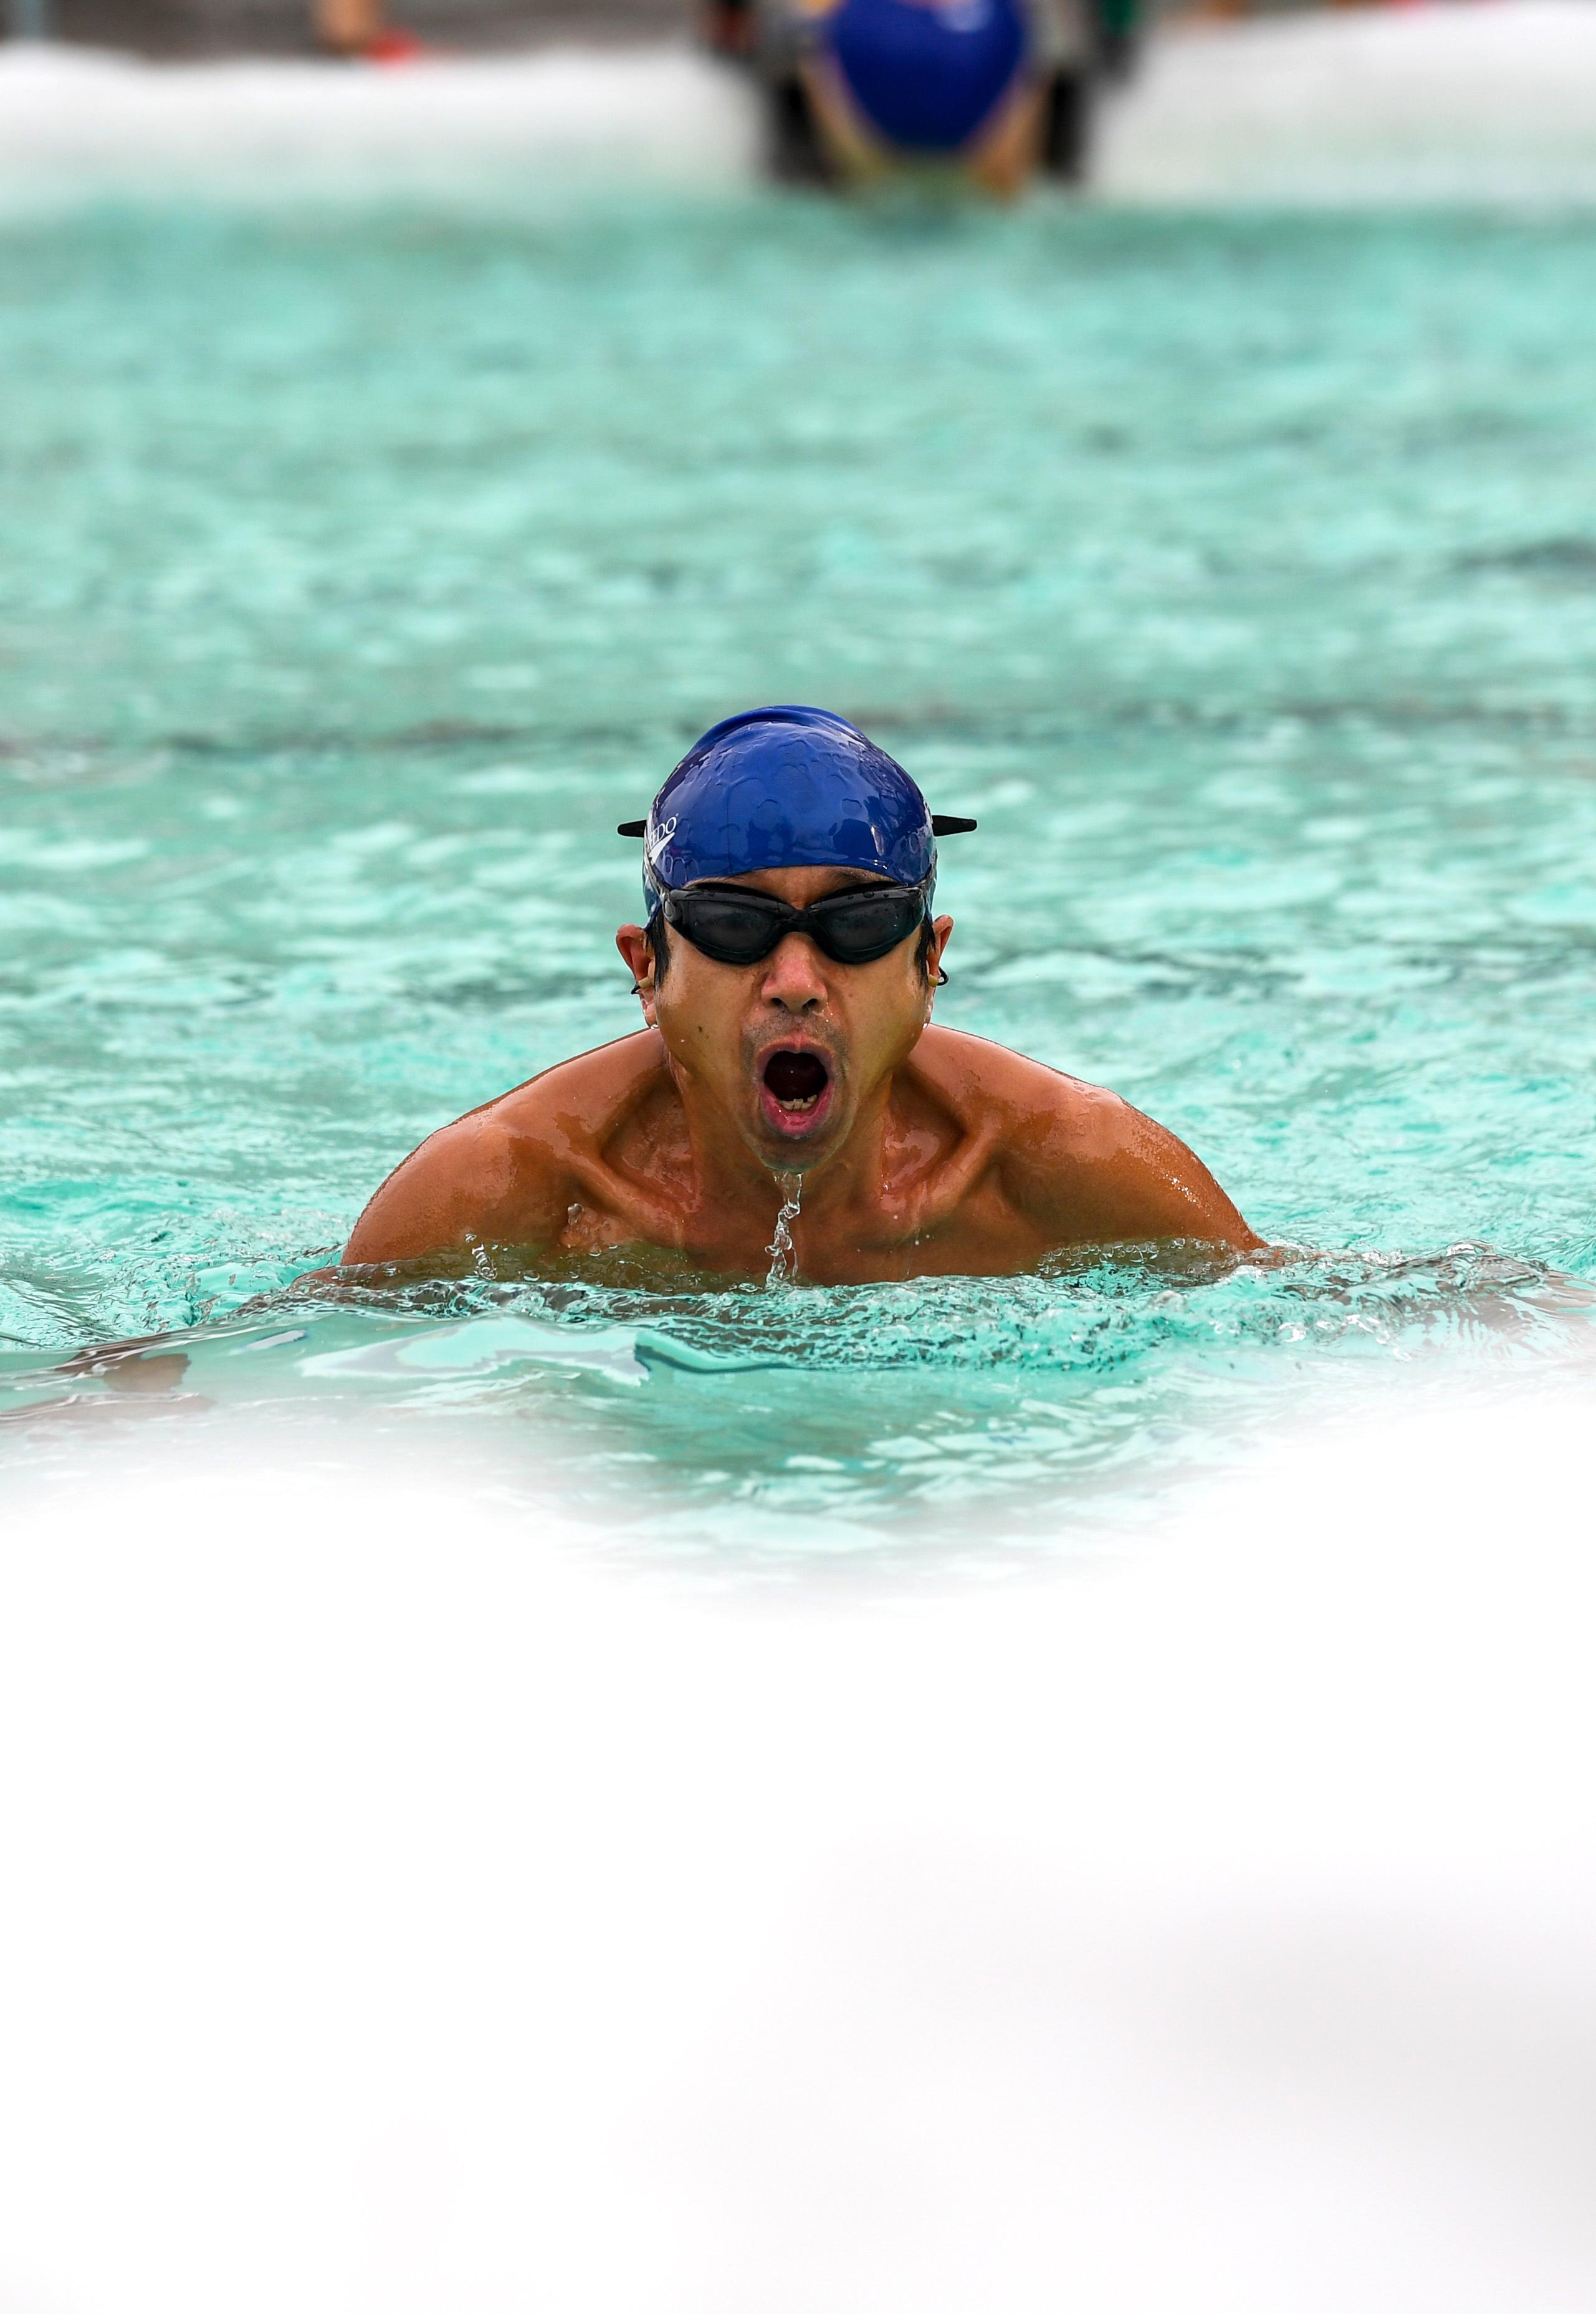 1月12日,一名冬泳爱好者在乌鲁木齐市红山冬泳俱乐部泳池里游泳。 新华社记者胡虎虎摄